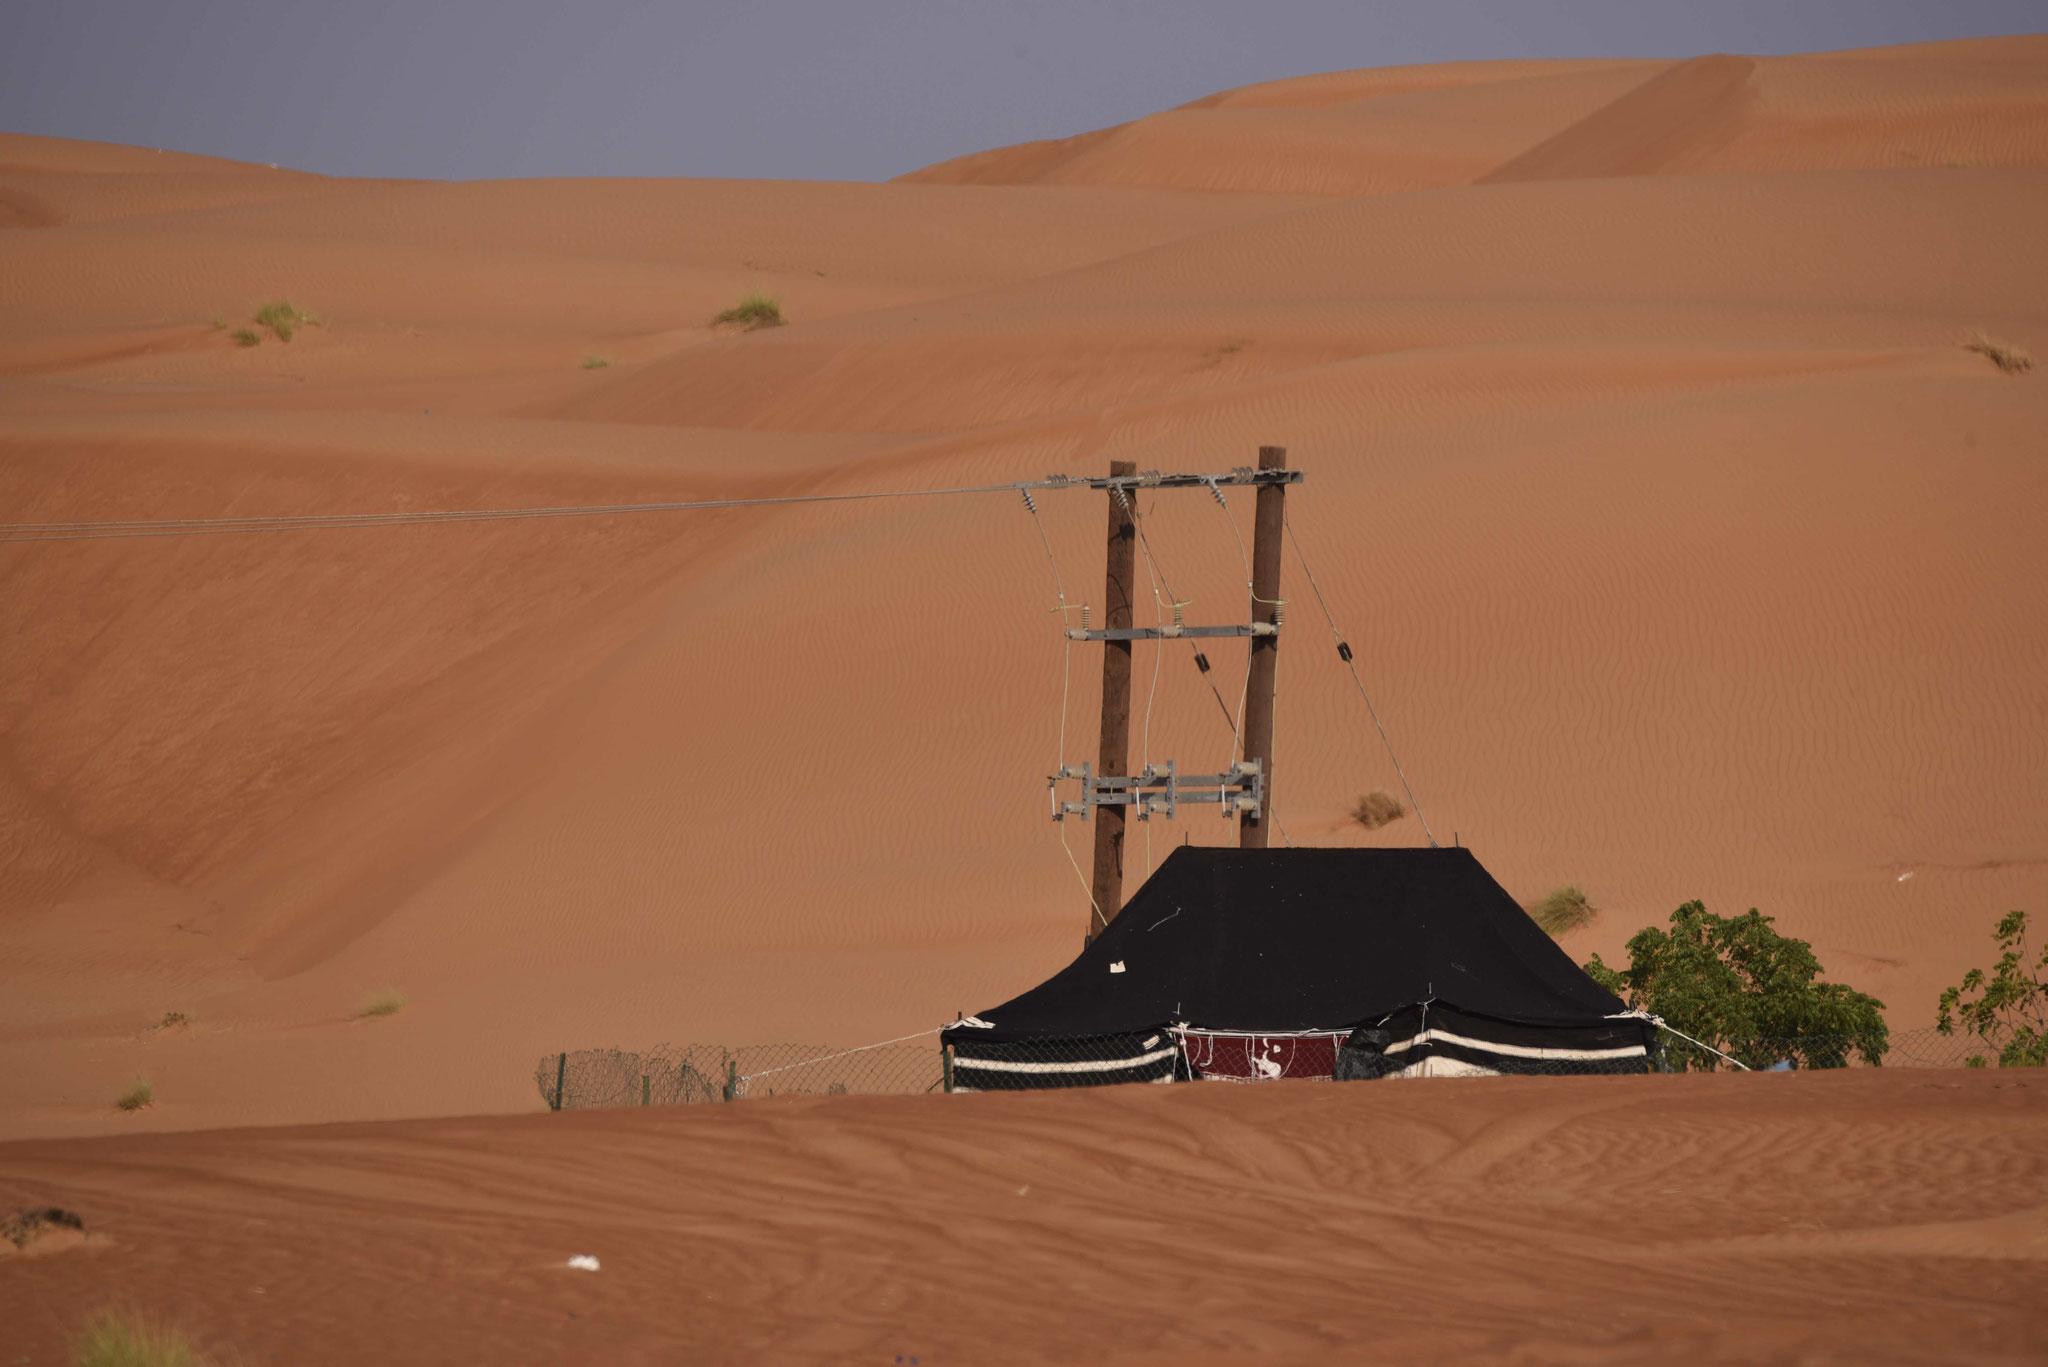 Sesshafte Nomaden mit Stromanschluss in der Wüste